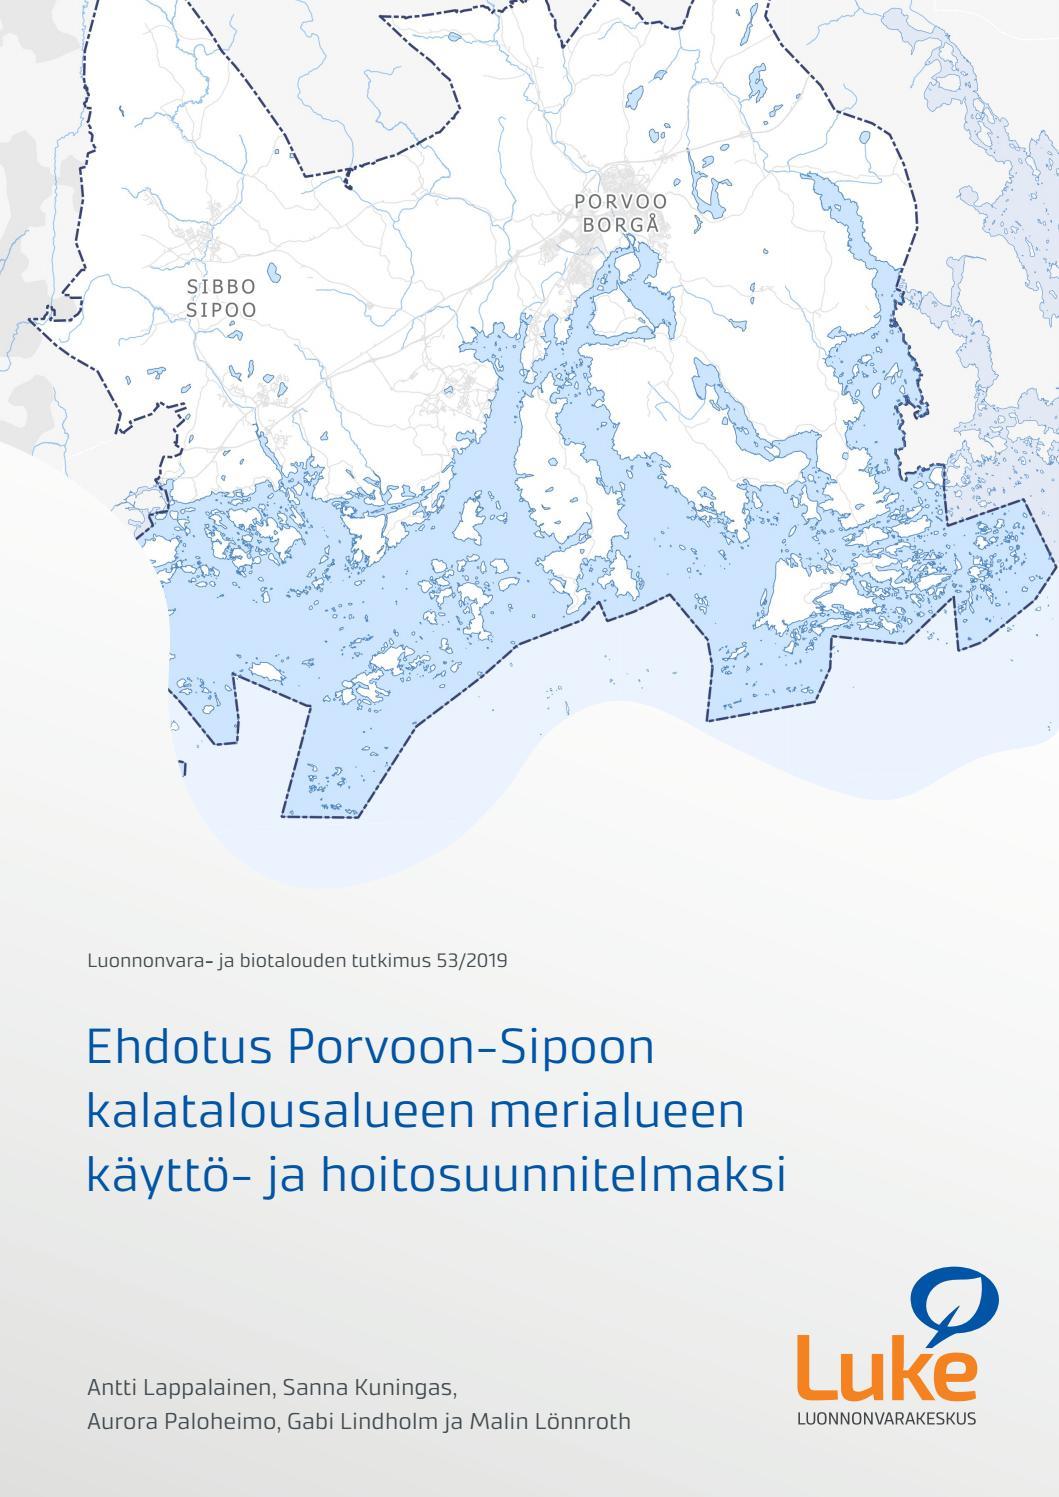 Ehdotus Porvoon Sipoon Kalatalousalueen Merialueen Kaytto Ja